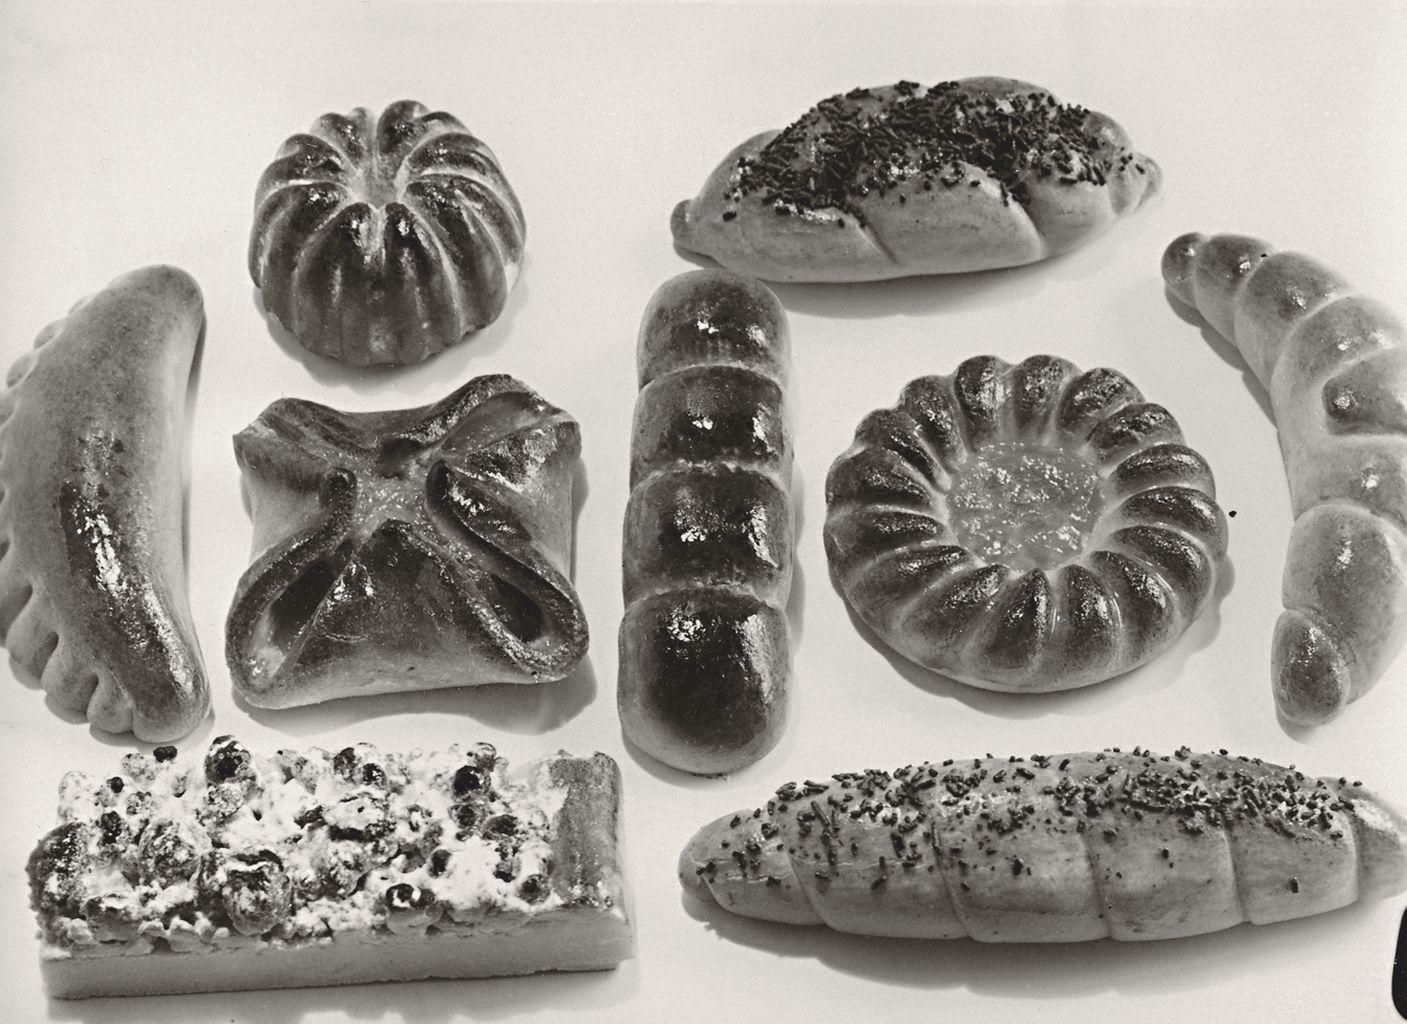 Hans Finsler, Senza titolo / Untitled, 1928, Courtesy Fondazione Rolla, Bruzella